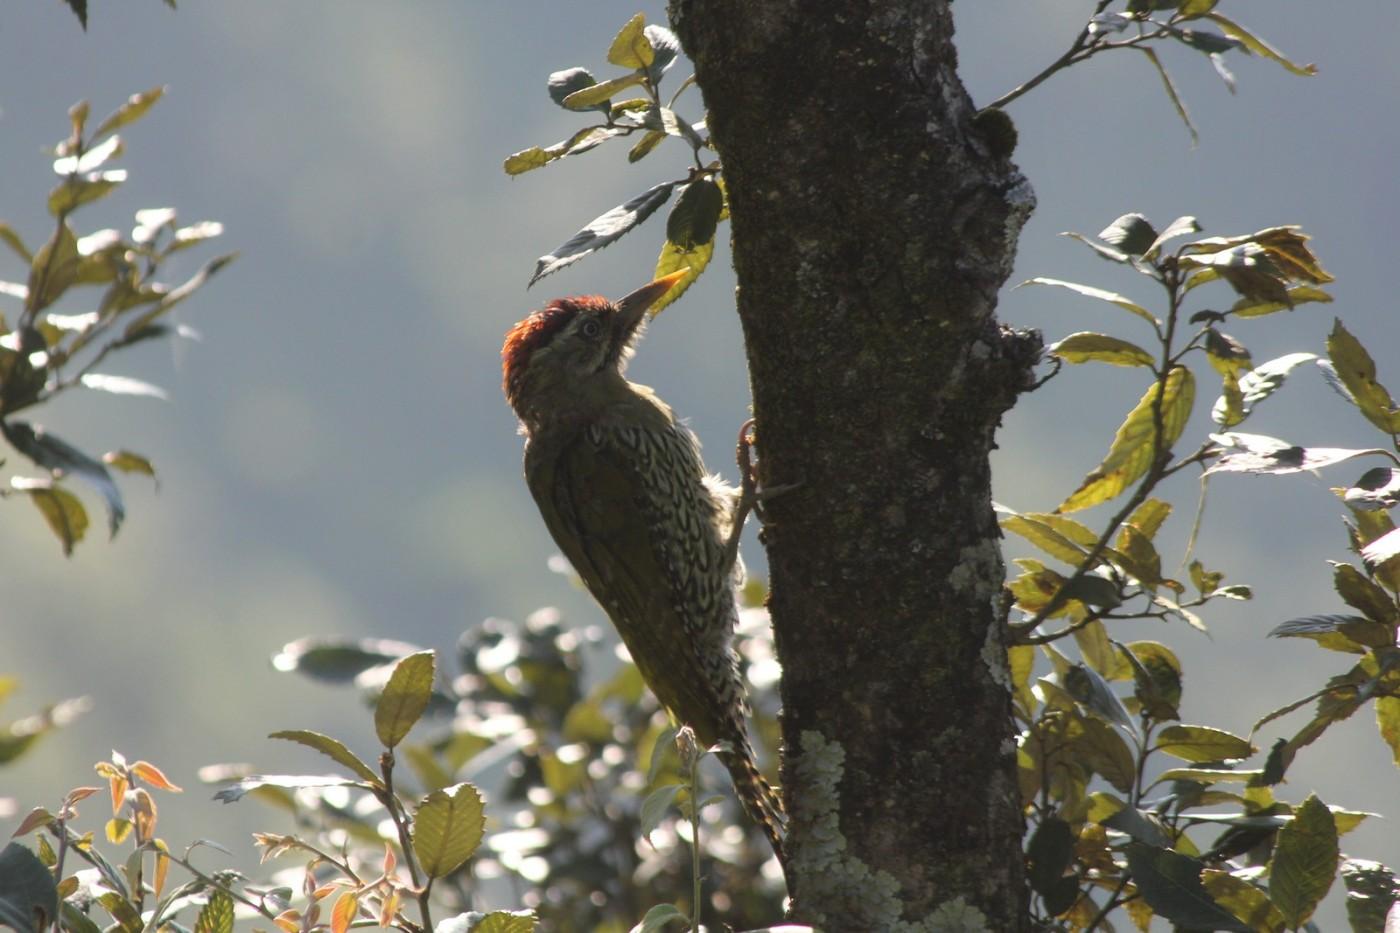 Streaked Woodpecker